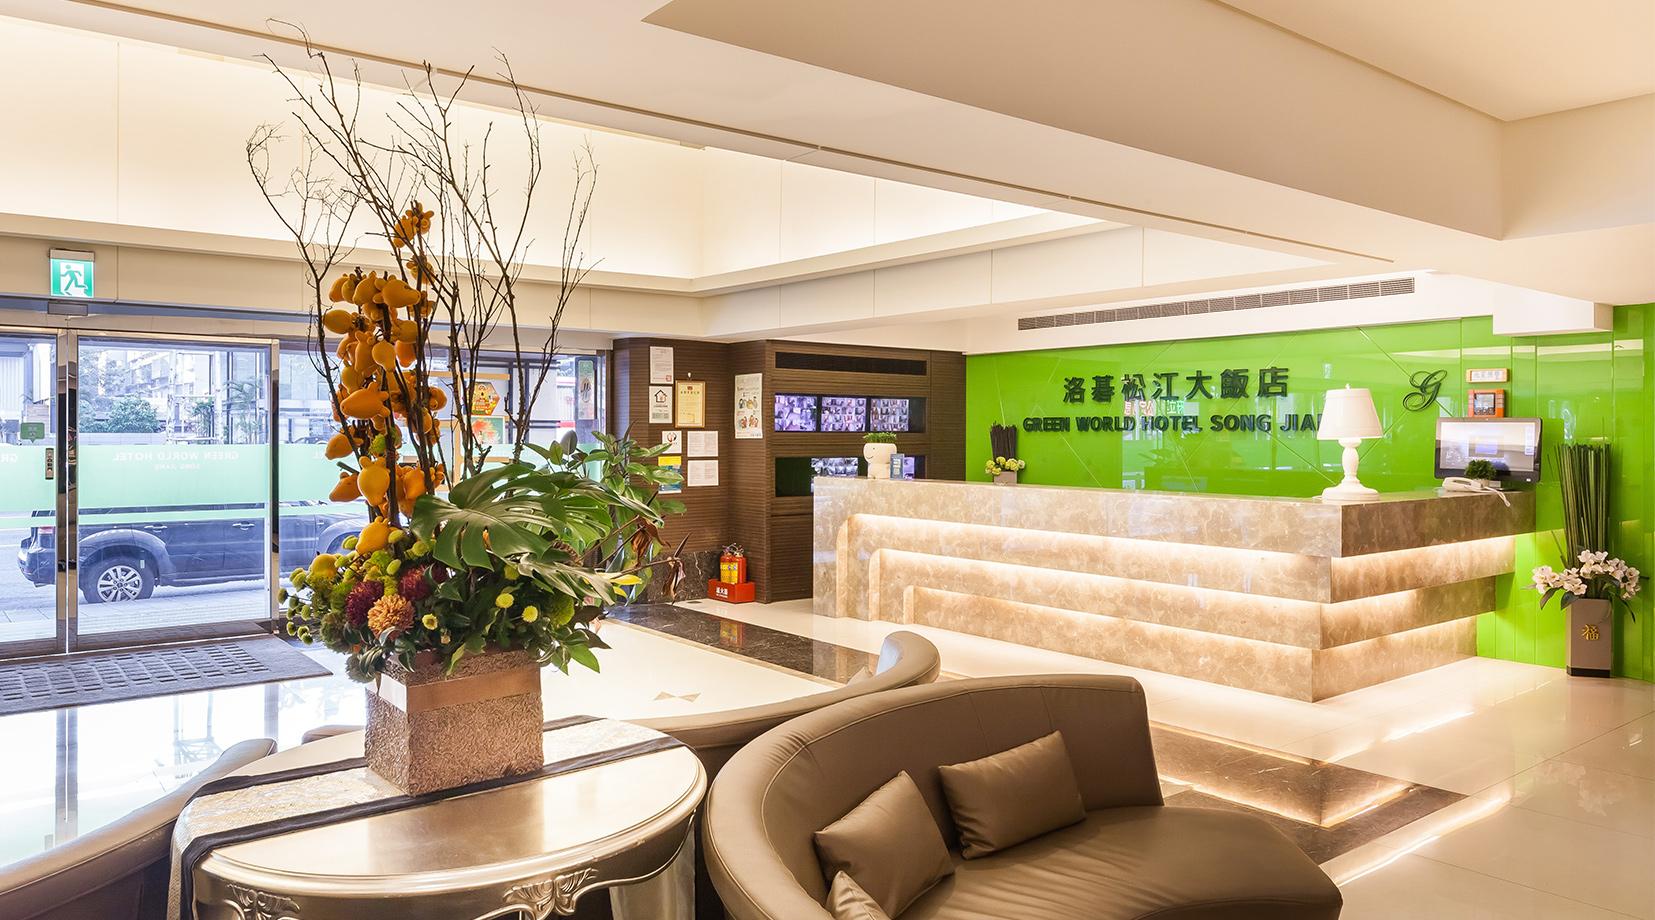 Official Green World Songjiang